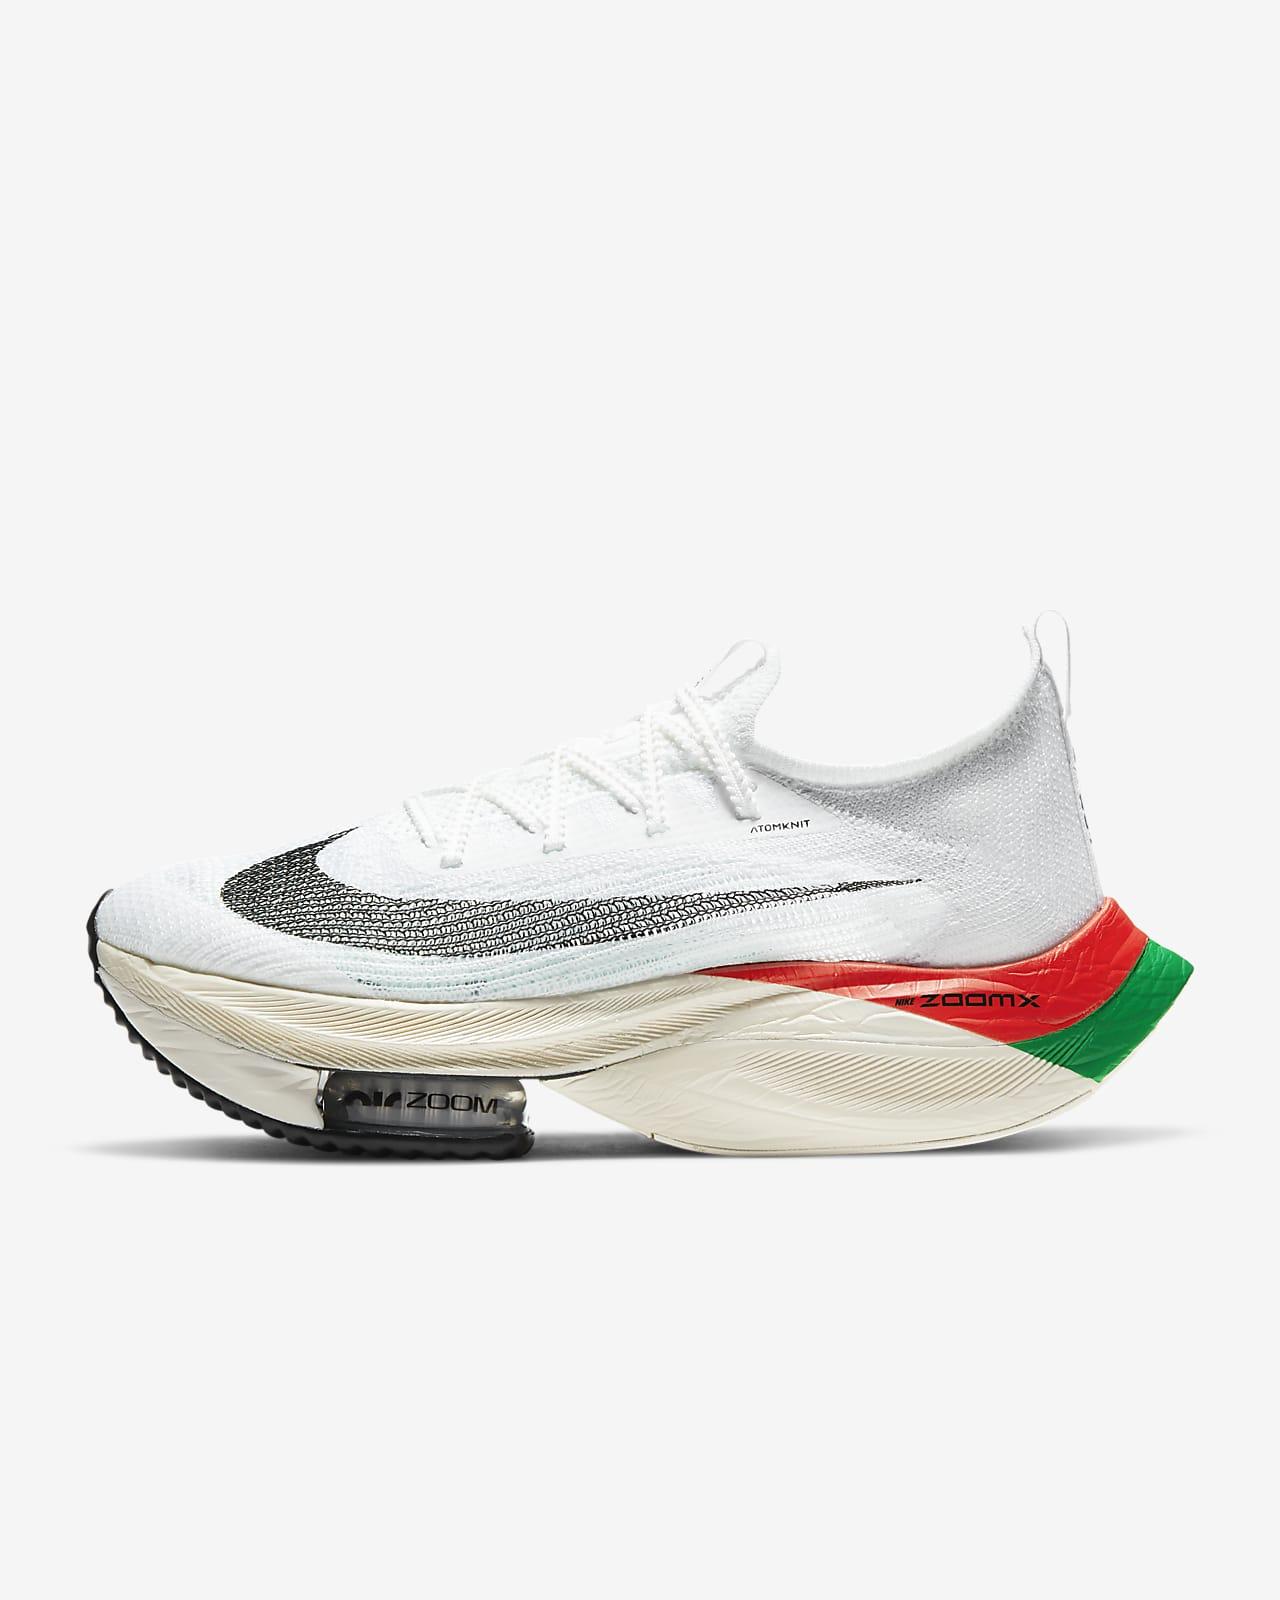 Γυναικείο παπούτσι αγώνων Nike Air Zoom Alphafly NEXT% Eliud